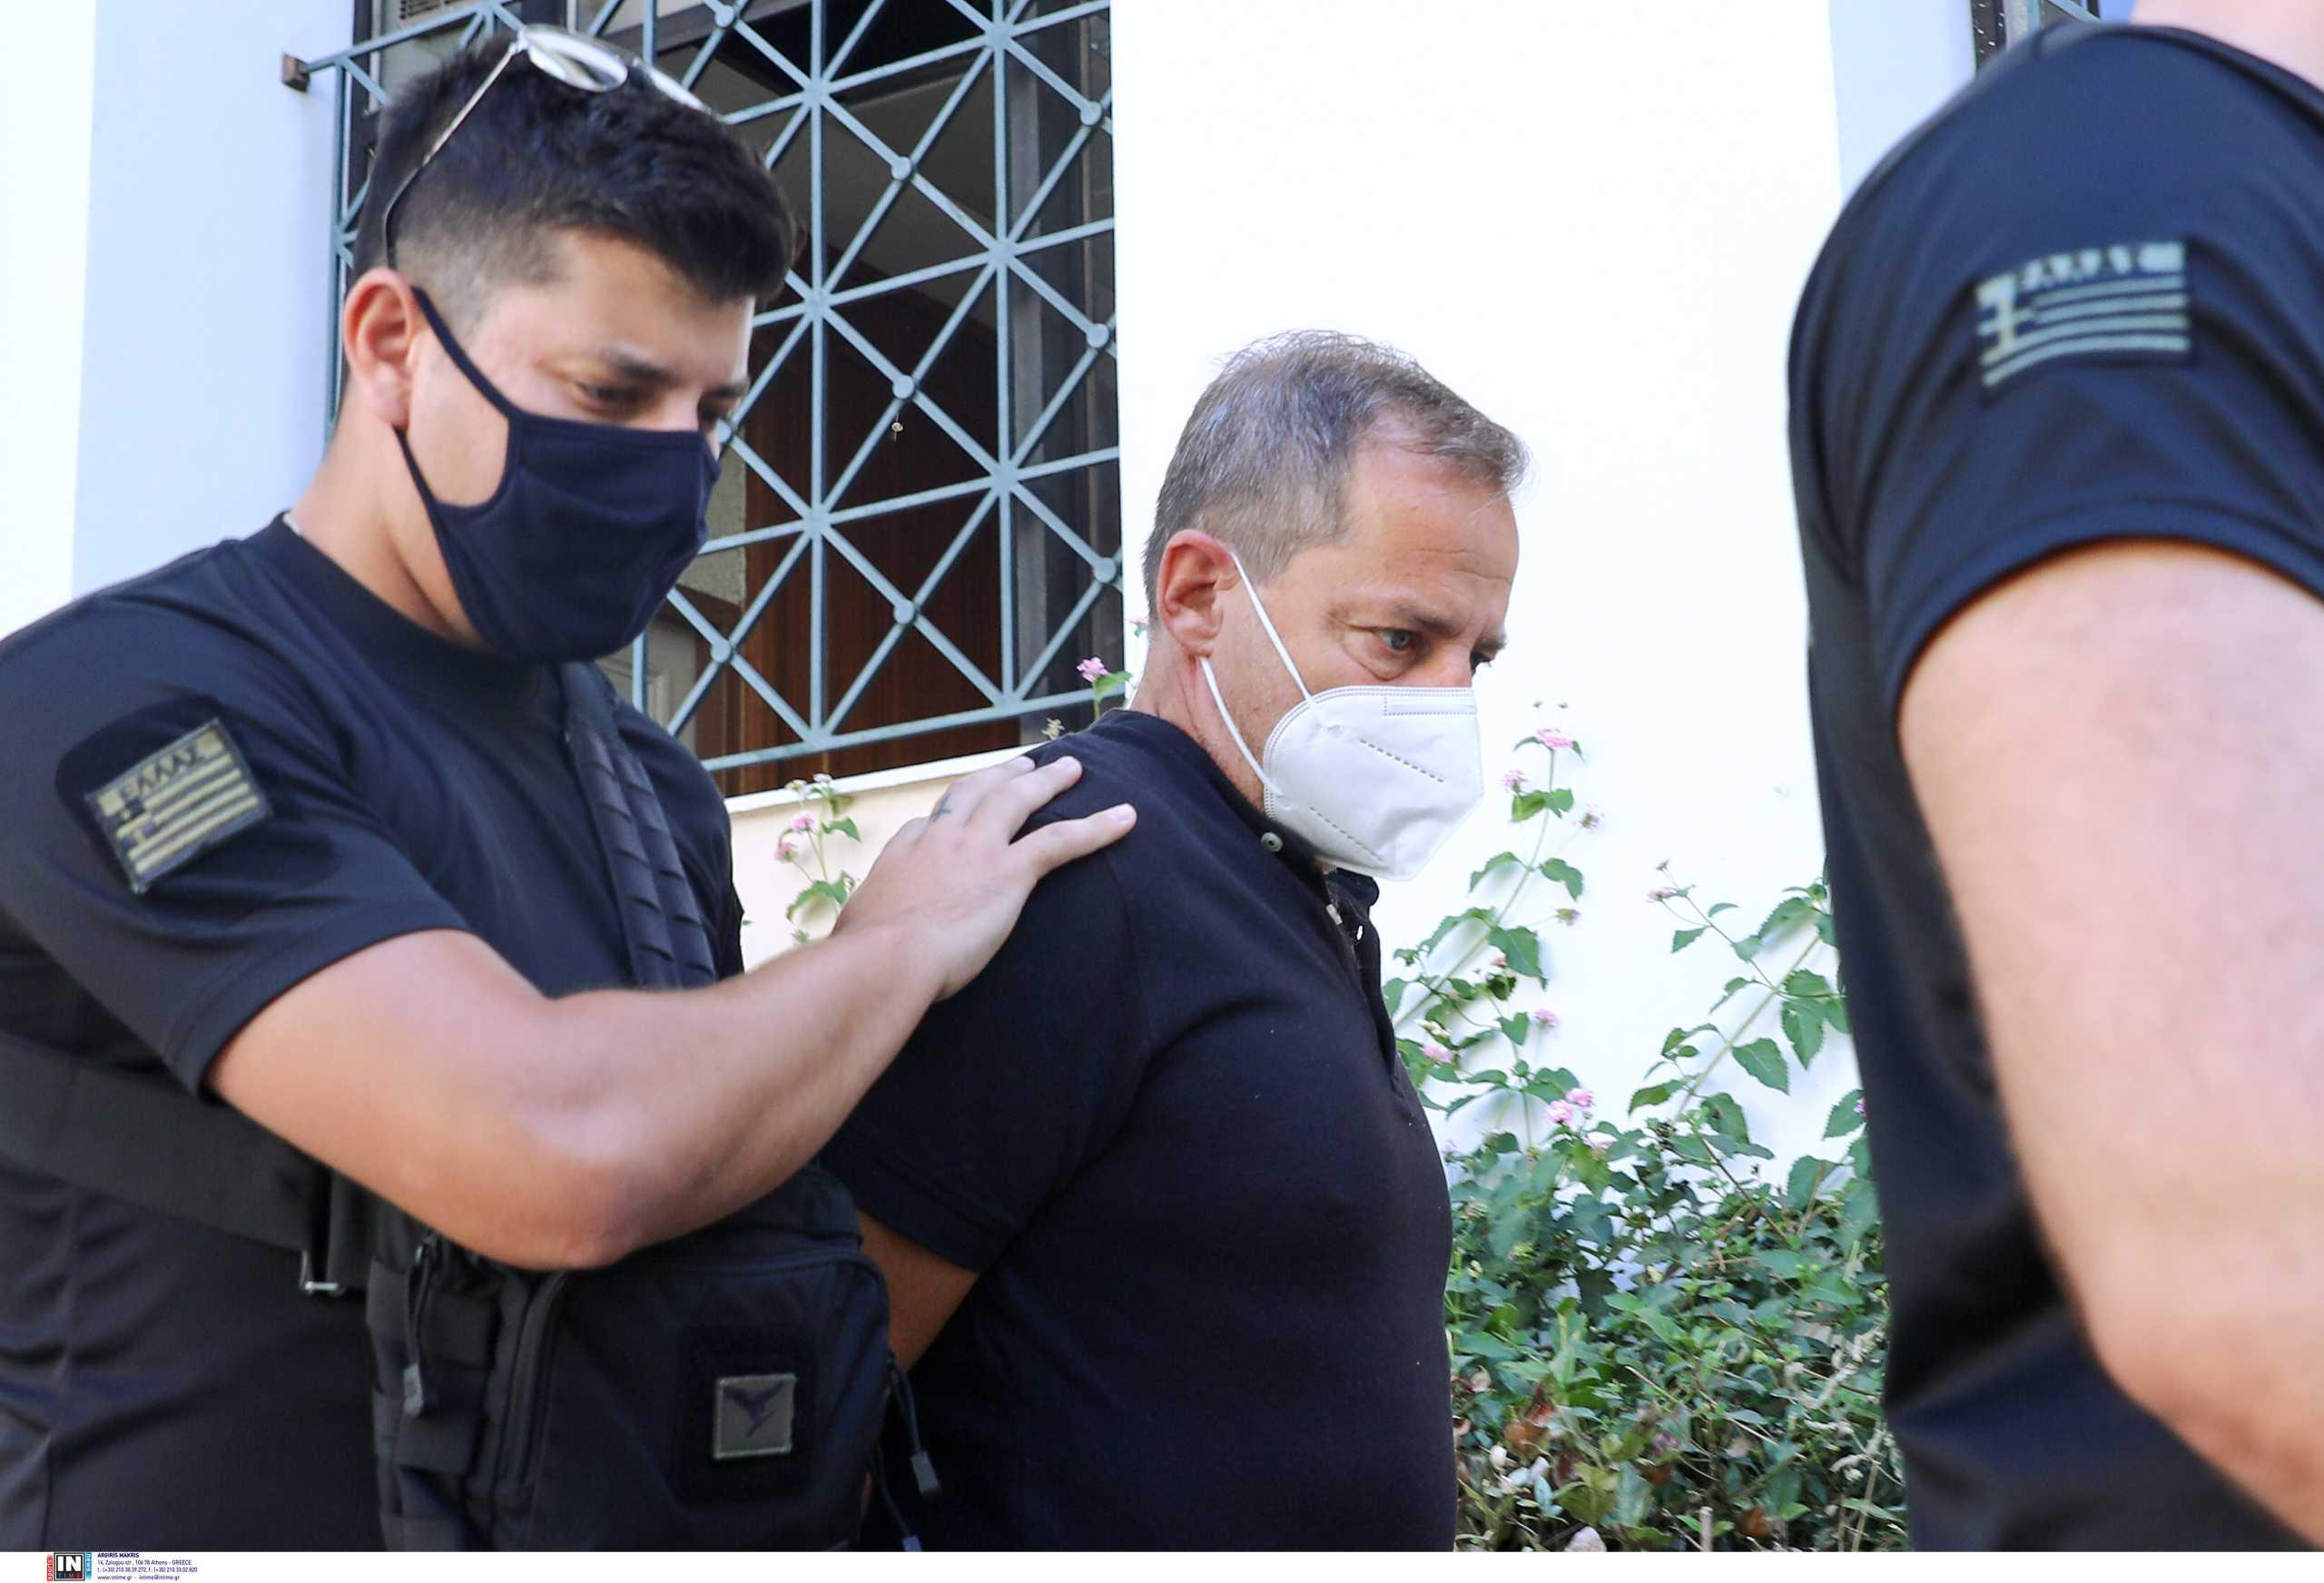 Ο Δημήτρης Λιγνάδης αρνήθηκε να απαντήσει στις ερωτήσεις της ανακρίτριας για τους δυο βιασμούς